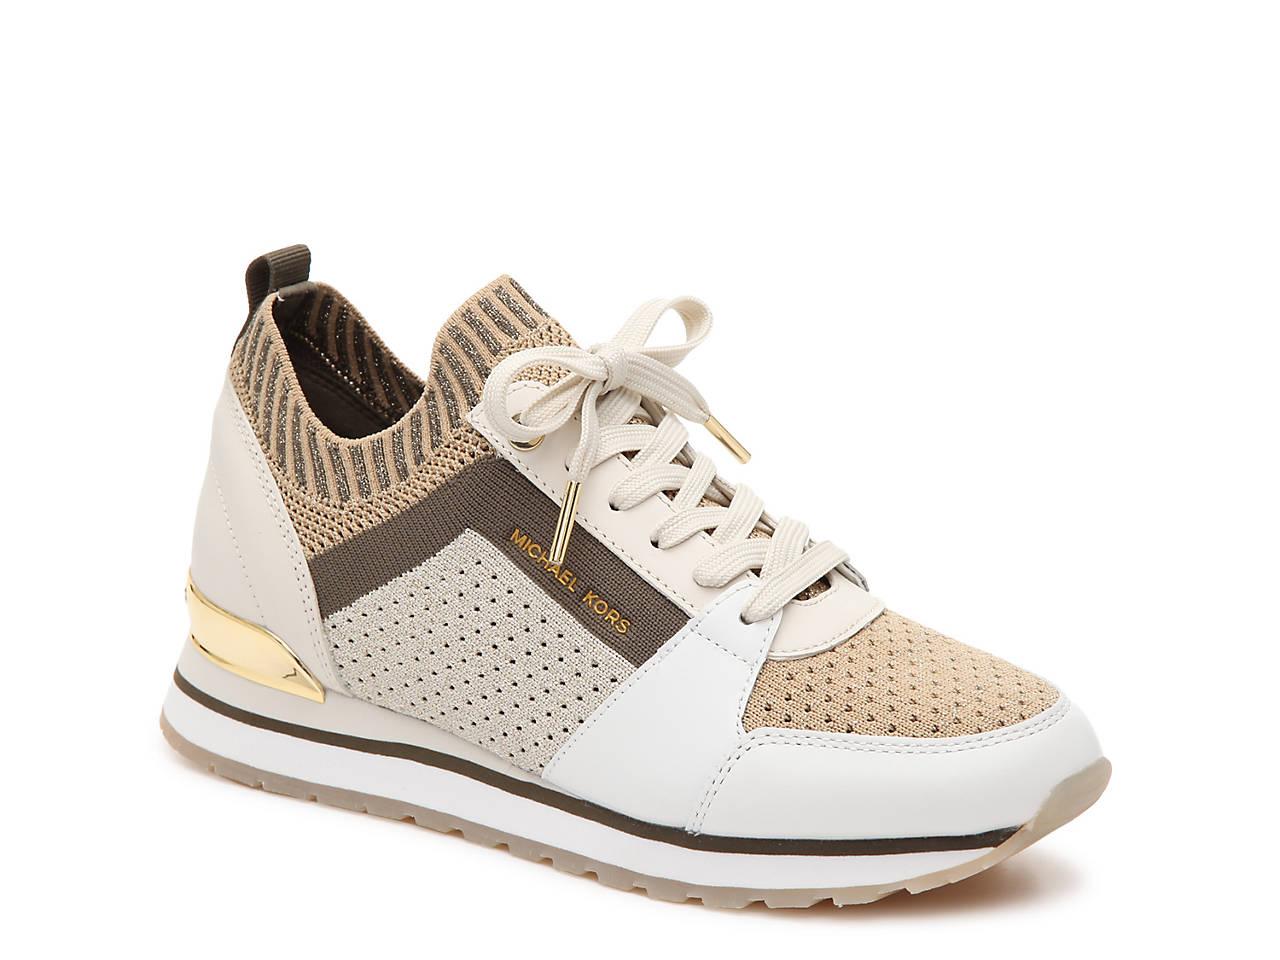 3548c3c33c1 Shoptagr | Kadri Platform Sandal by Steve Madden